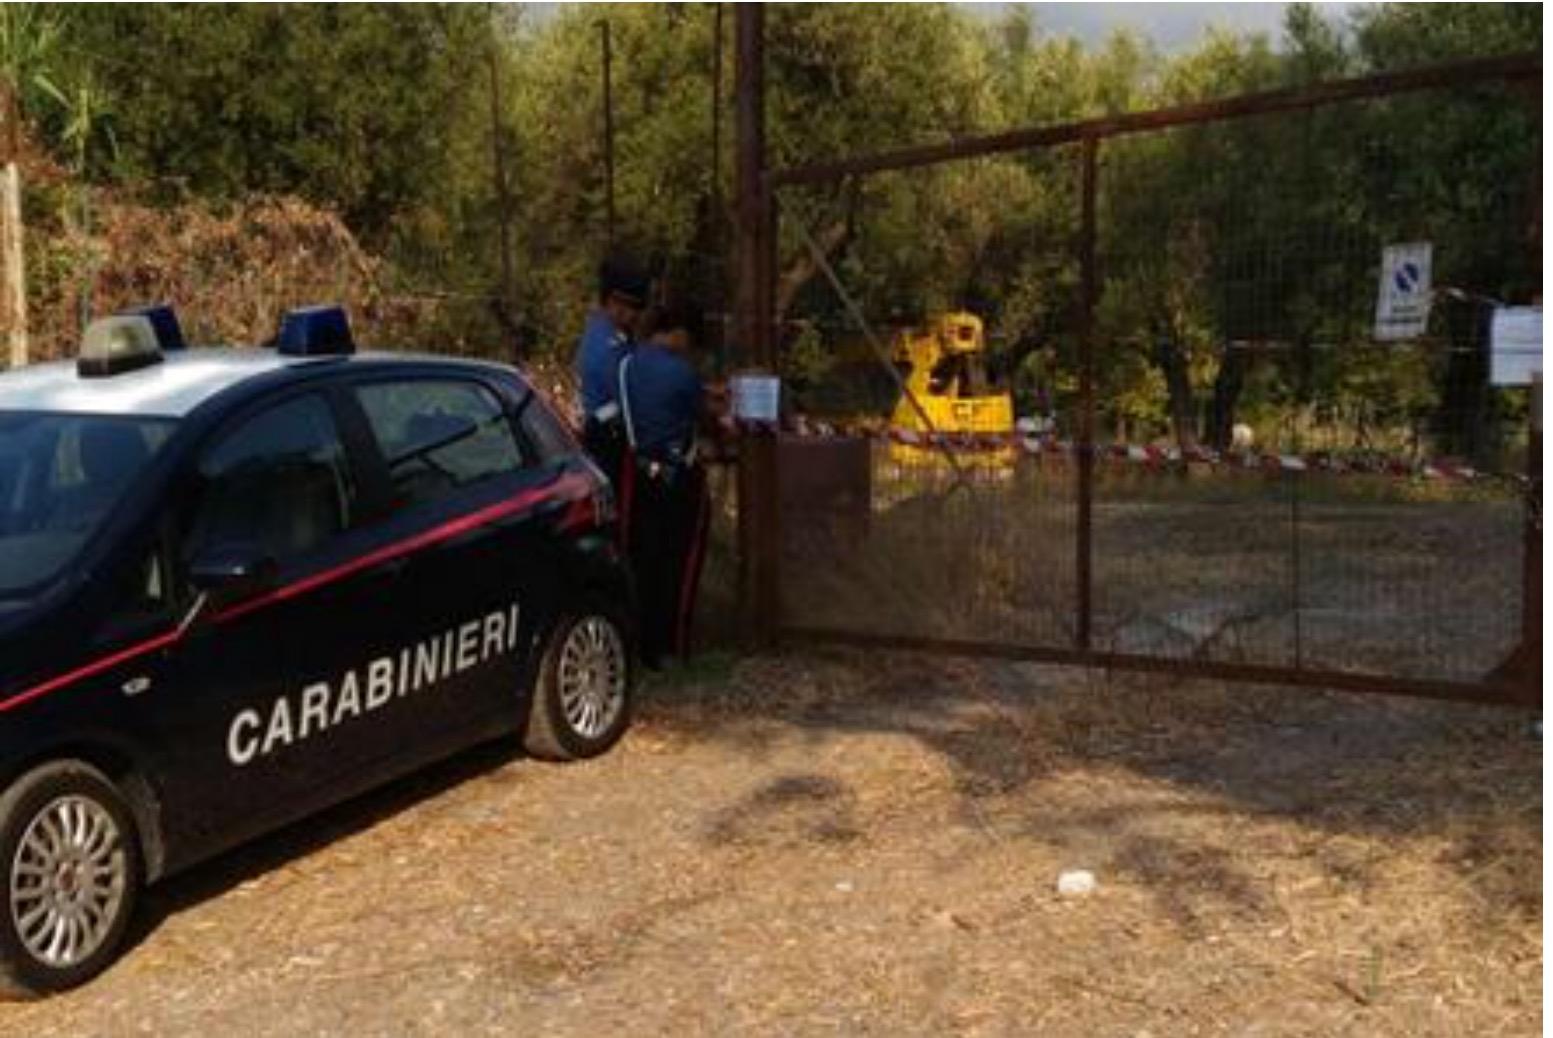 Sequestro deposito carabinieri